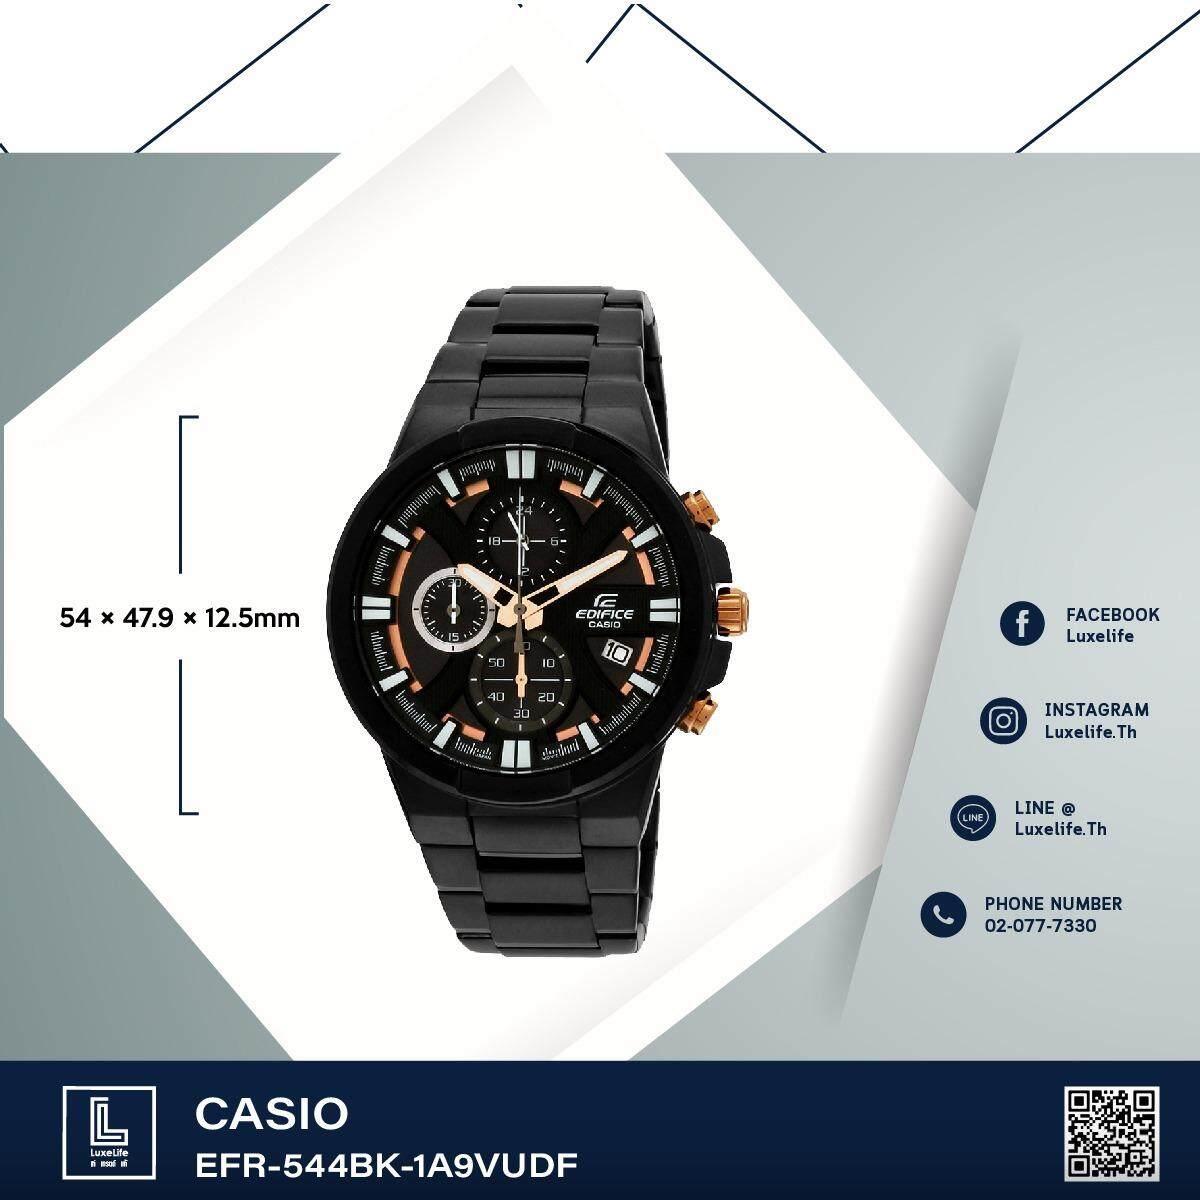 โปรโมชั่น นาฬิกาข้อมือ Casio รุ่น Efr 544Bk 1A9Vudf Edifice นาฬิกาข้อมือสุภาพบุรุษ สายสเตนเลส สีดำ Casio Edifice ใหม่ล่าสุด